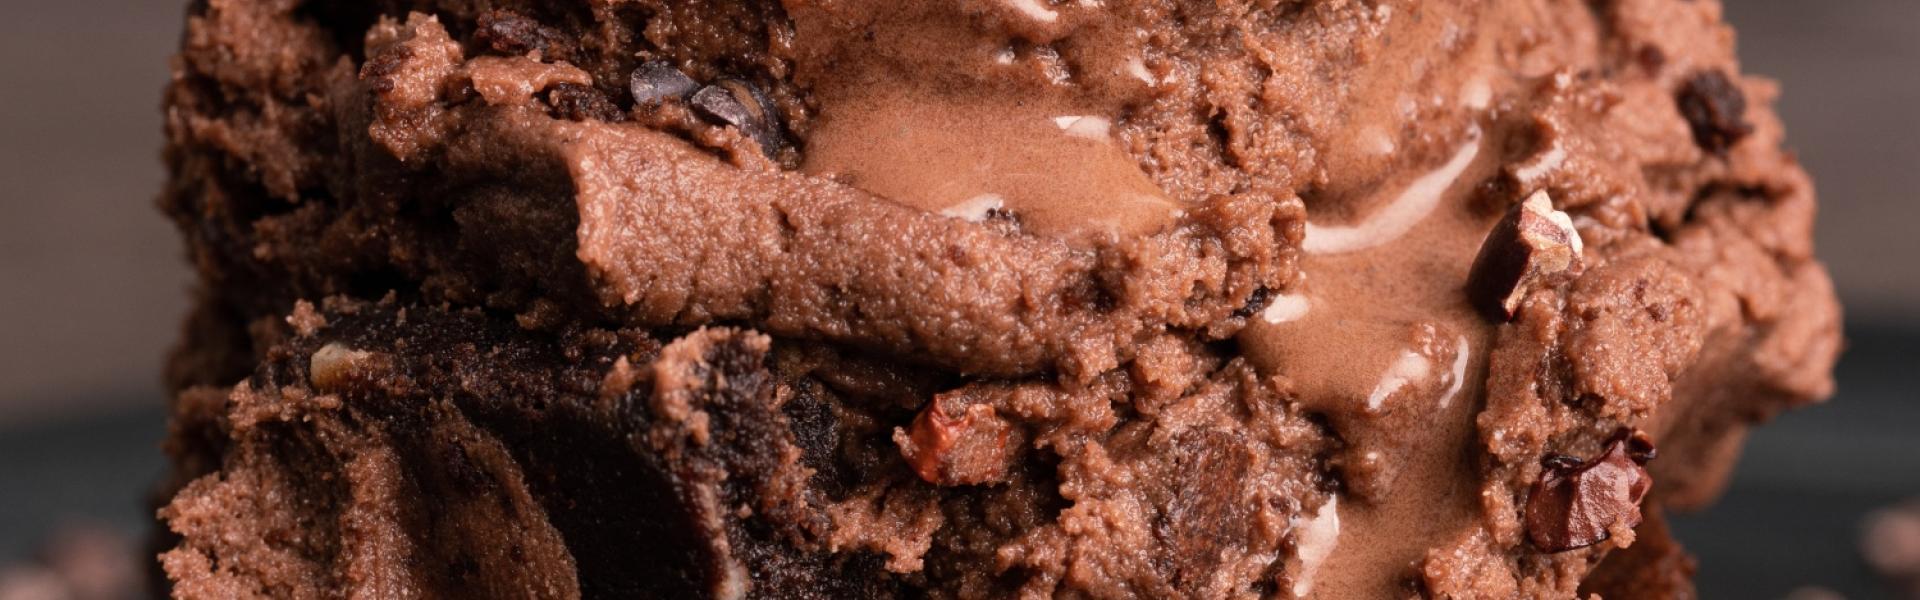 Schokoladeneis auf zwei Stücken Brownie.